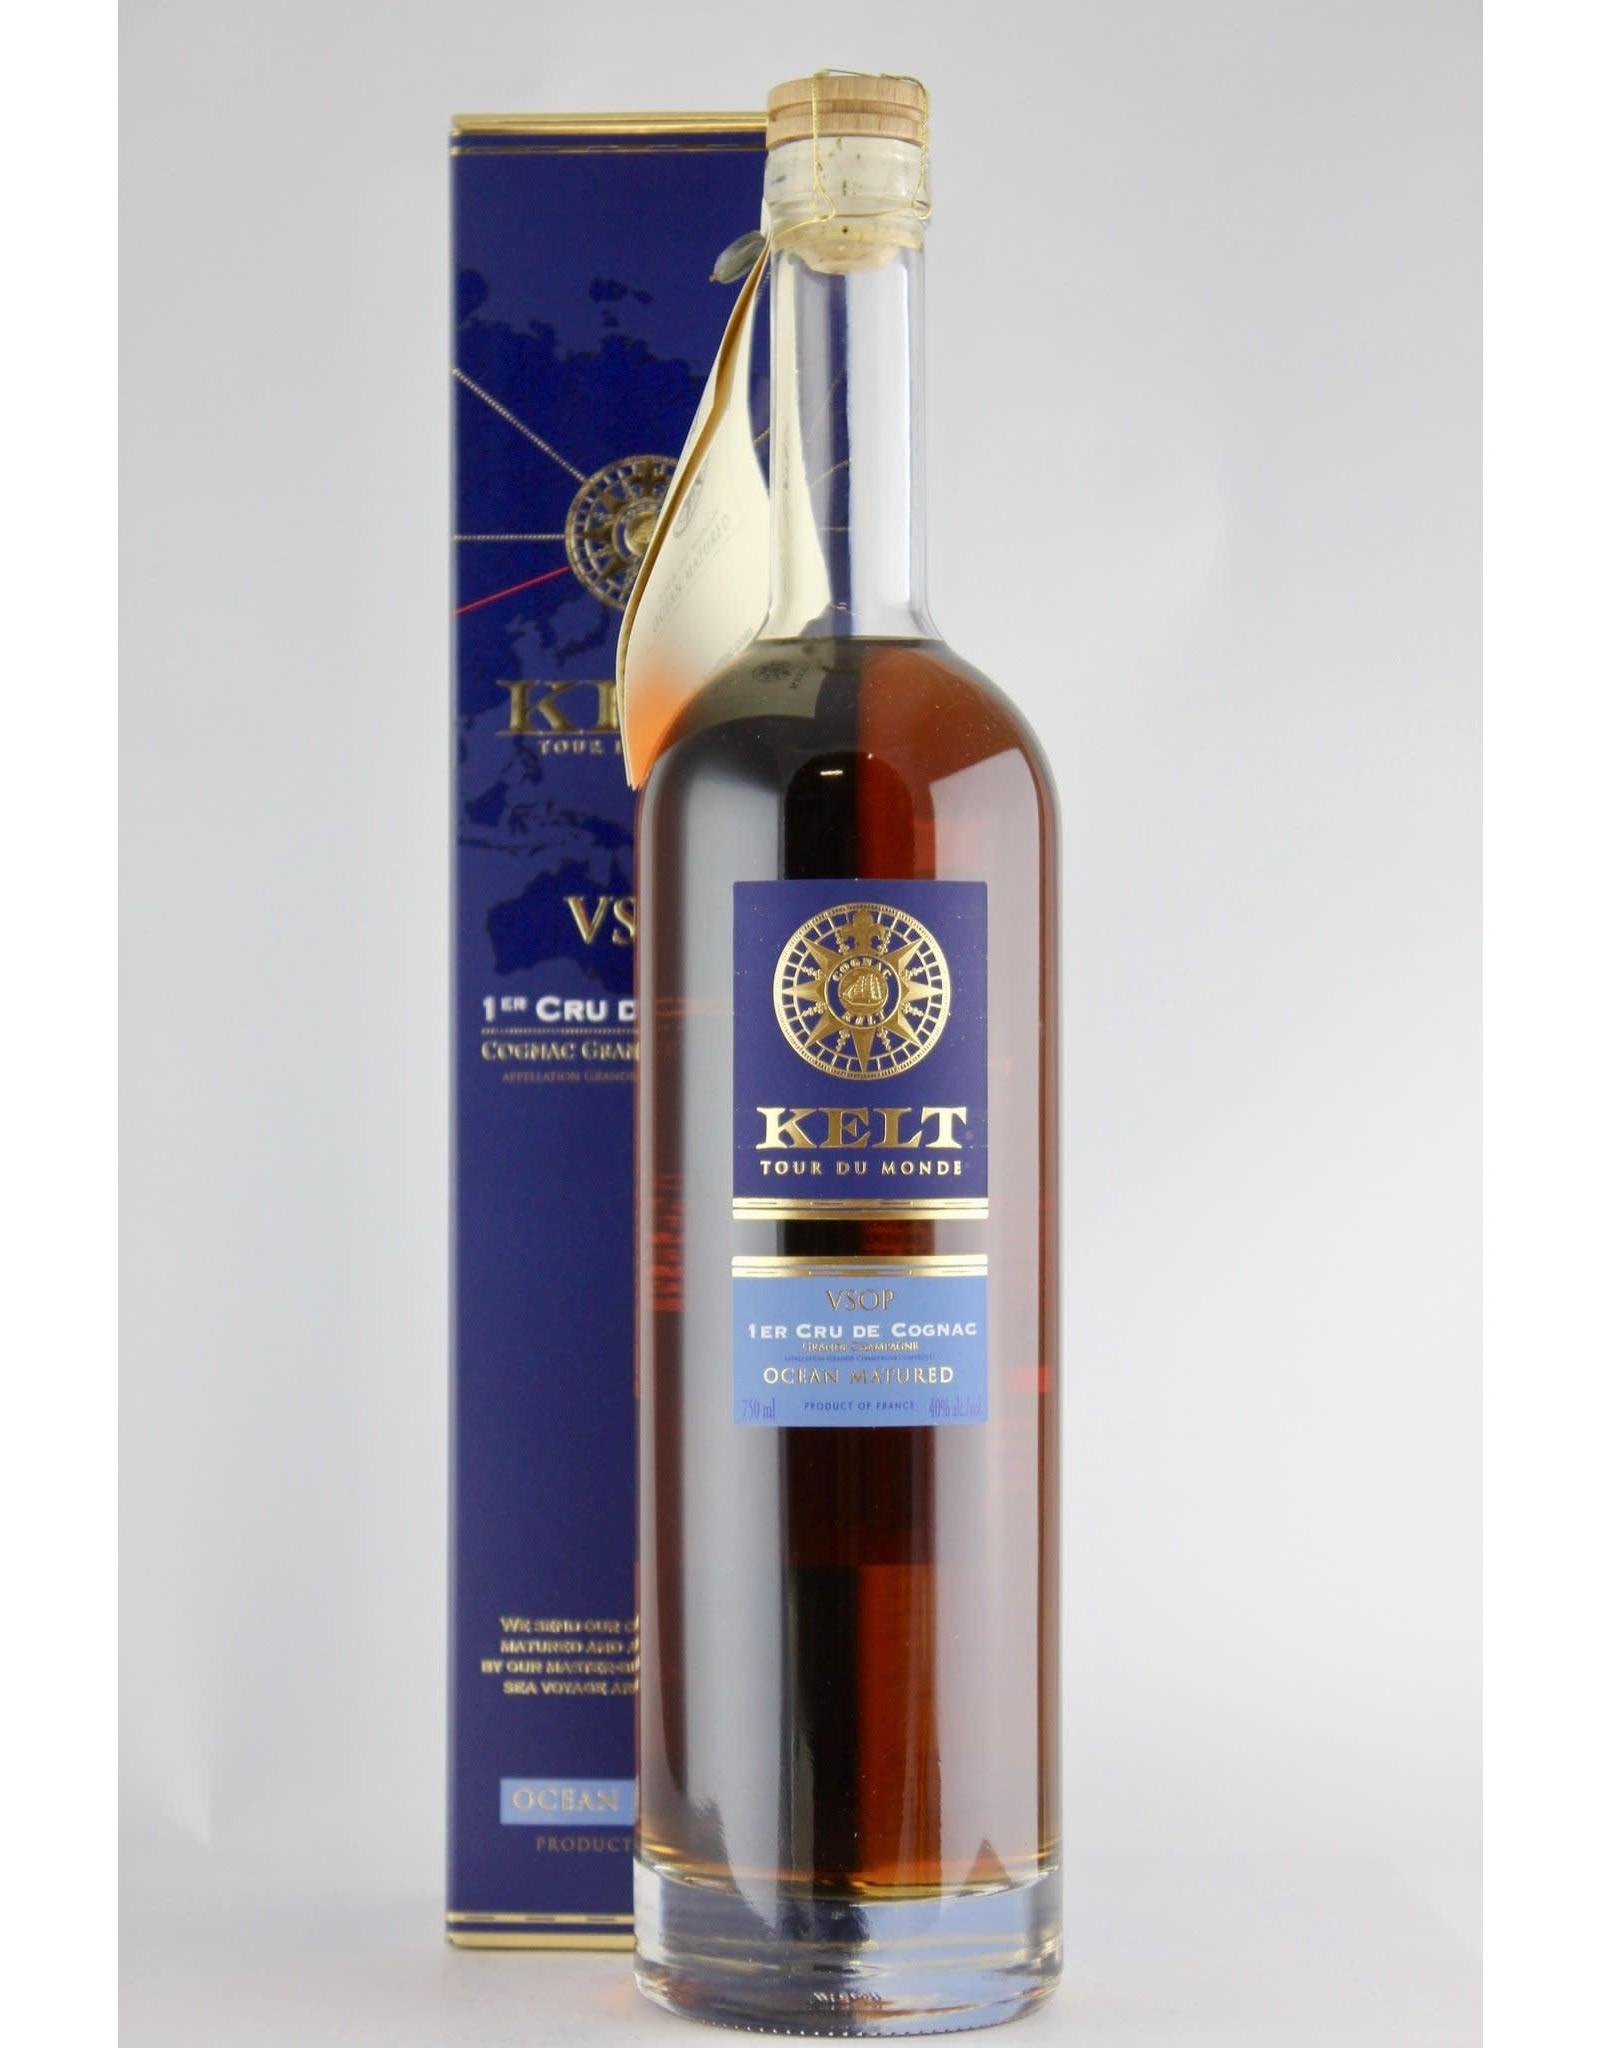 Kelt Tour Du Monde VSOP Cognac